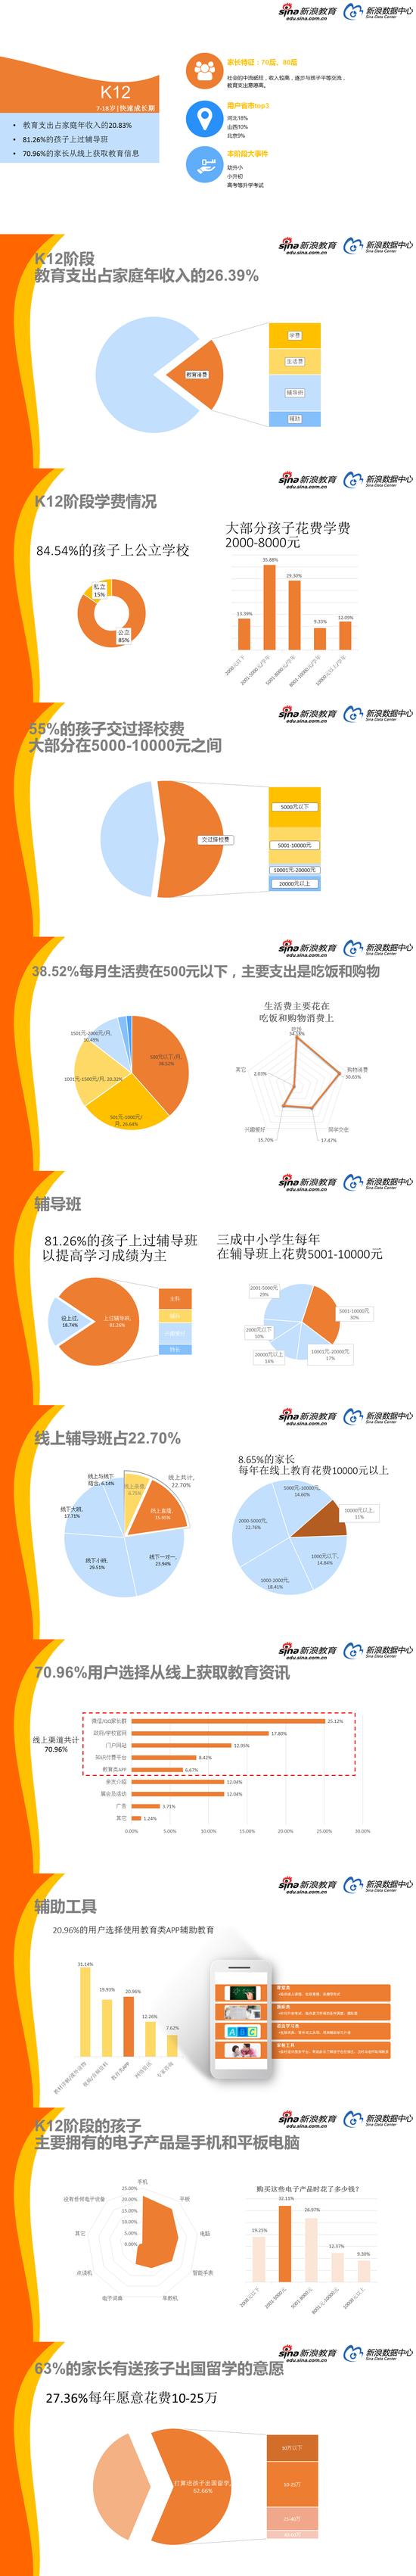 2017中国家庭教育消费白皮书(3)